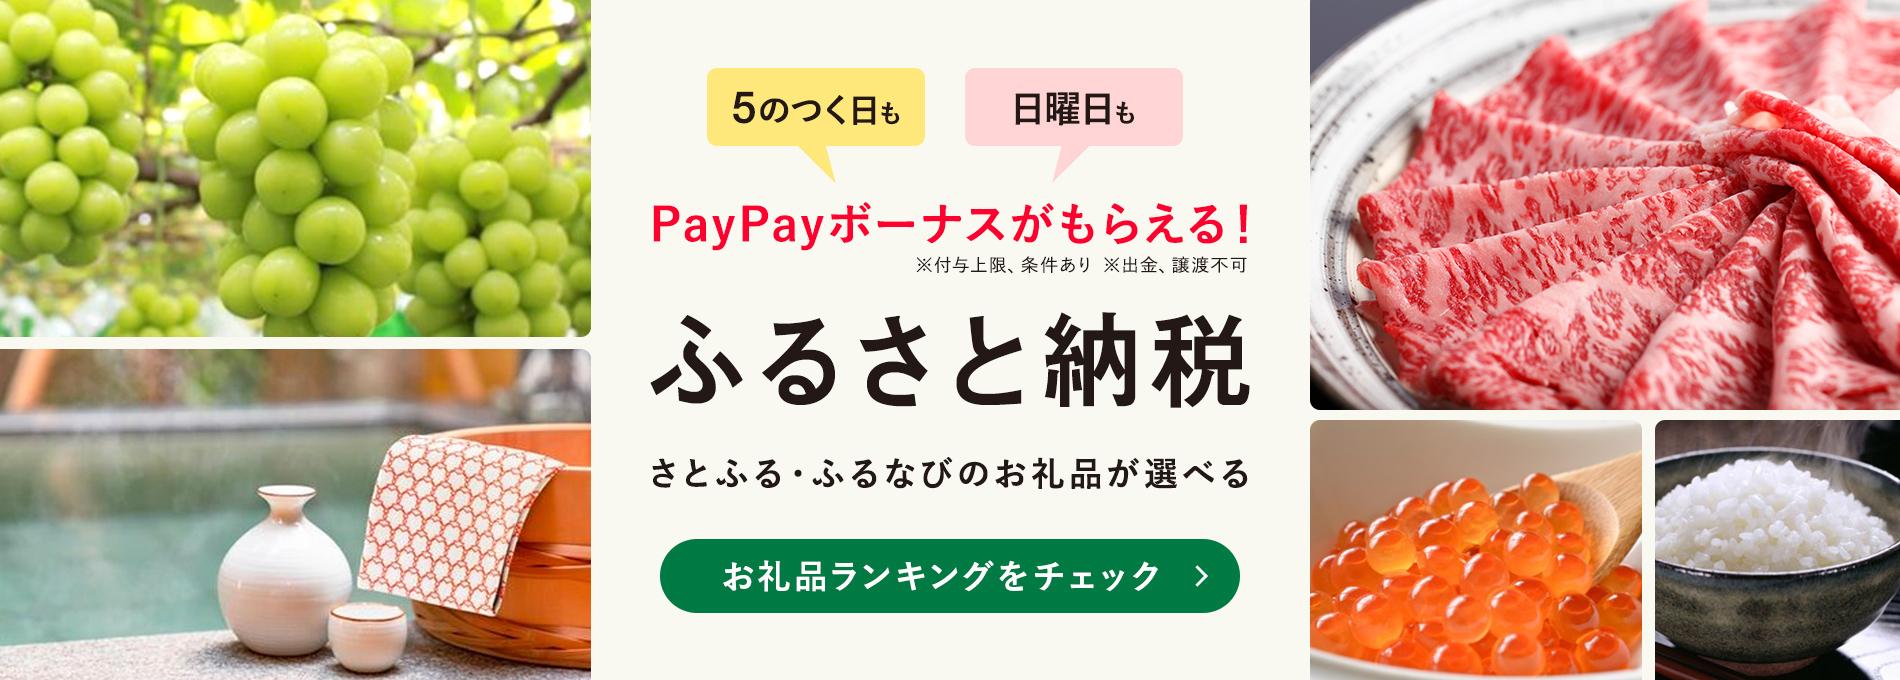 5のつく日も 日曜日も PayPayボーナスがもらえる! ※付与上限、条件あり ※出金、譲渡不可 ふるさと納税 さとふる・ふるなびのお礼品が選べる お礼品ランキングをチェック